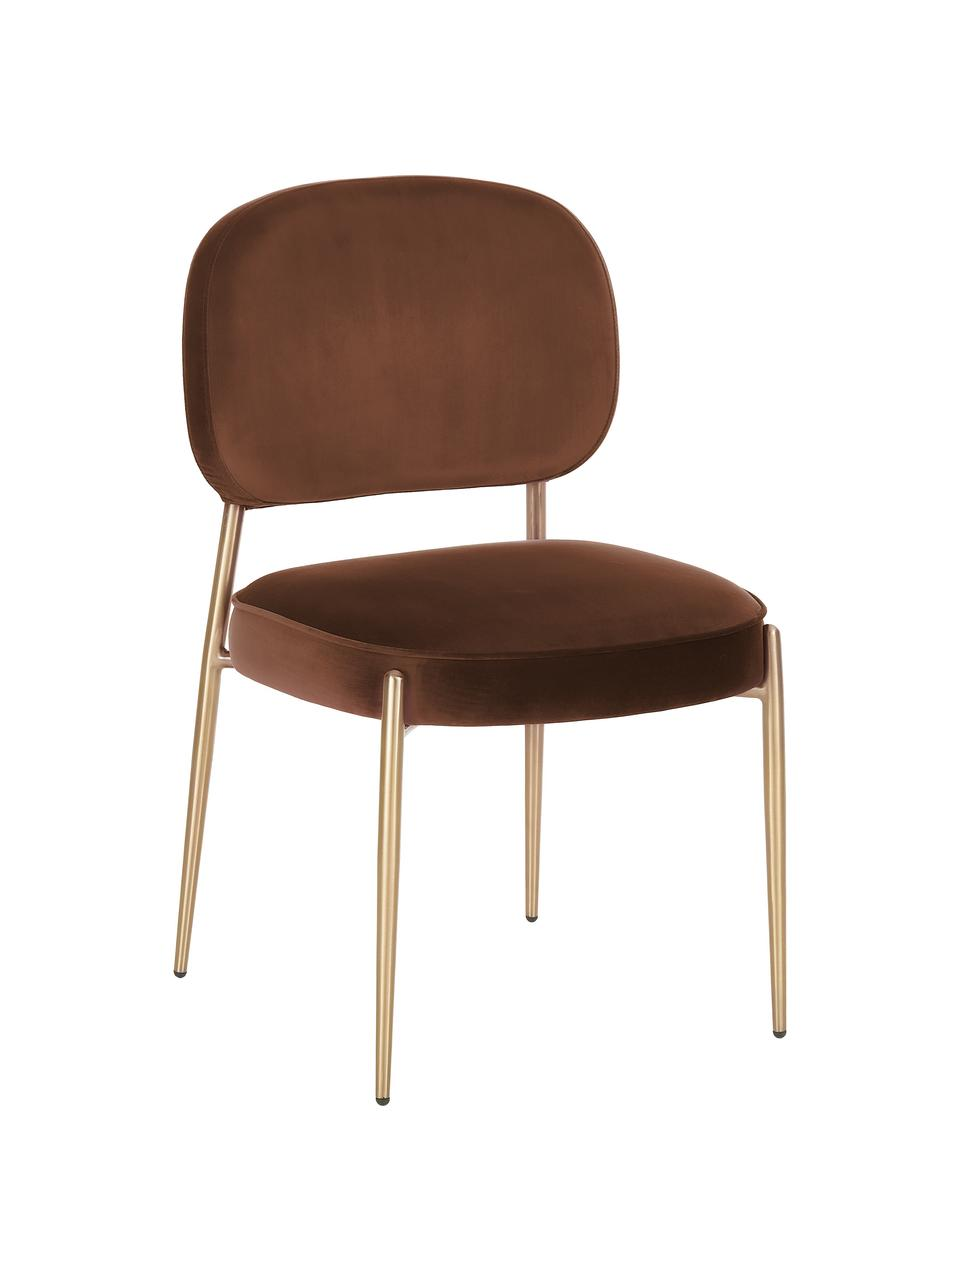 Chaise velours rembourré Viggo, Velours brun